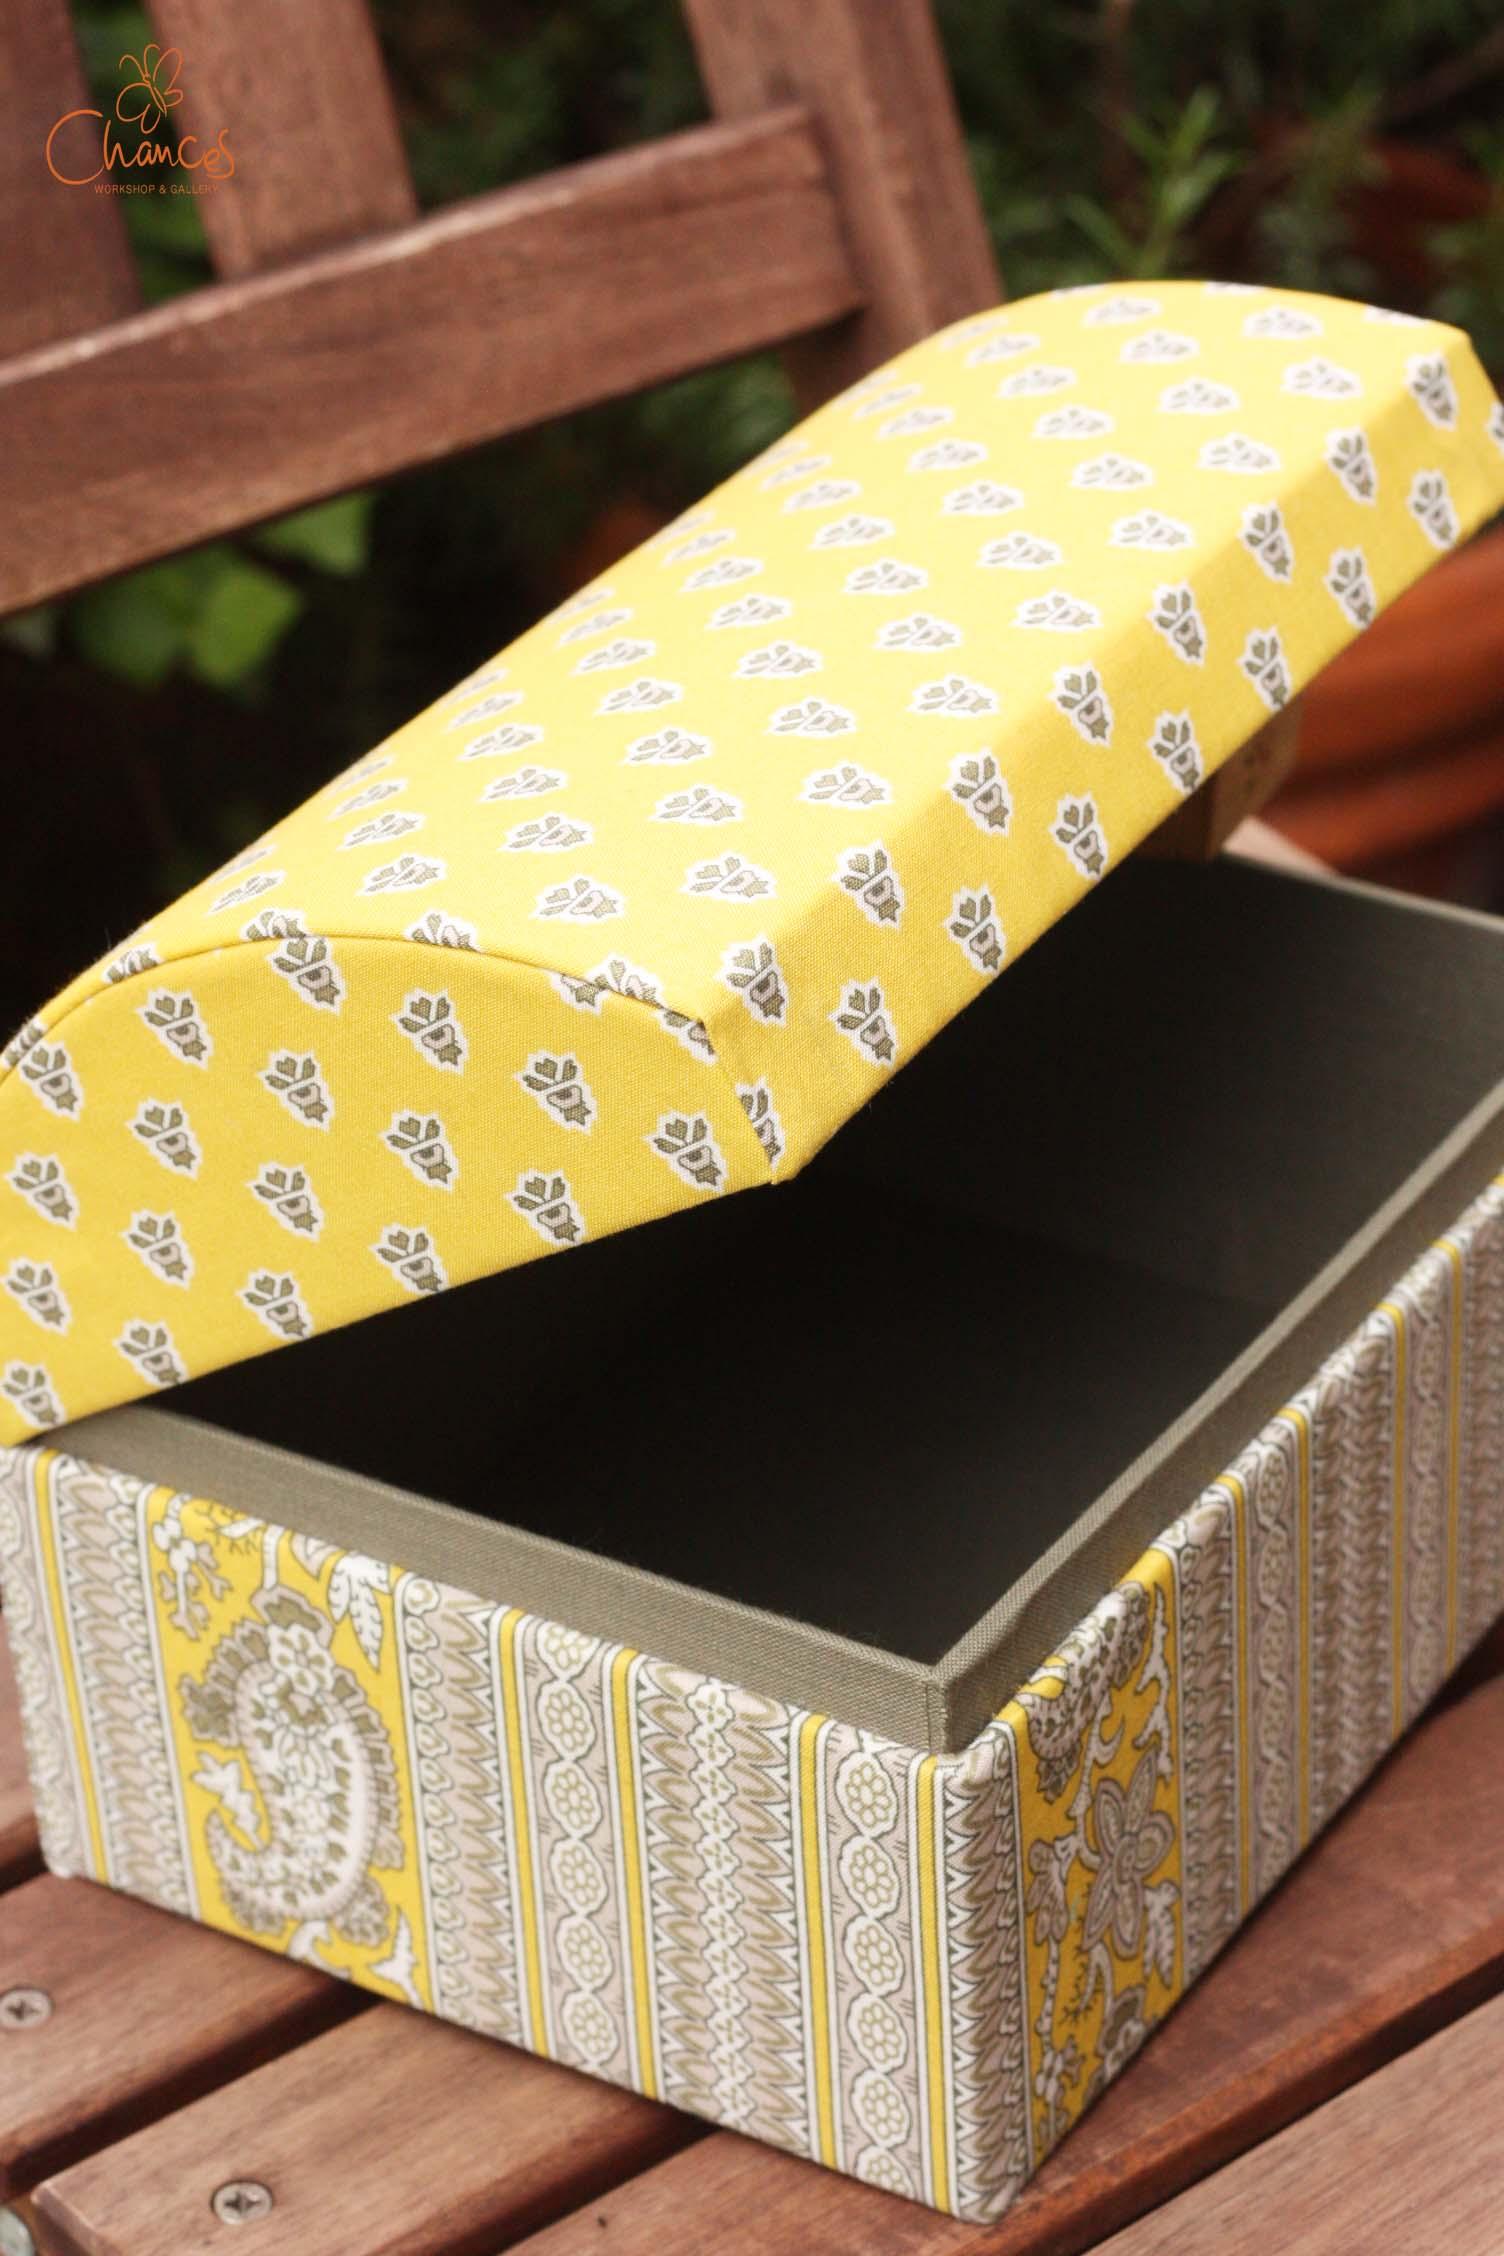 ドーム型BOX